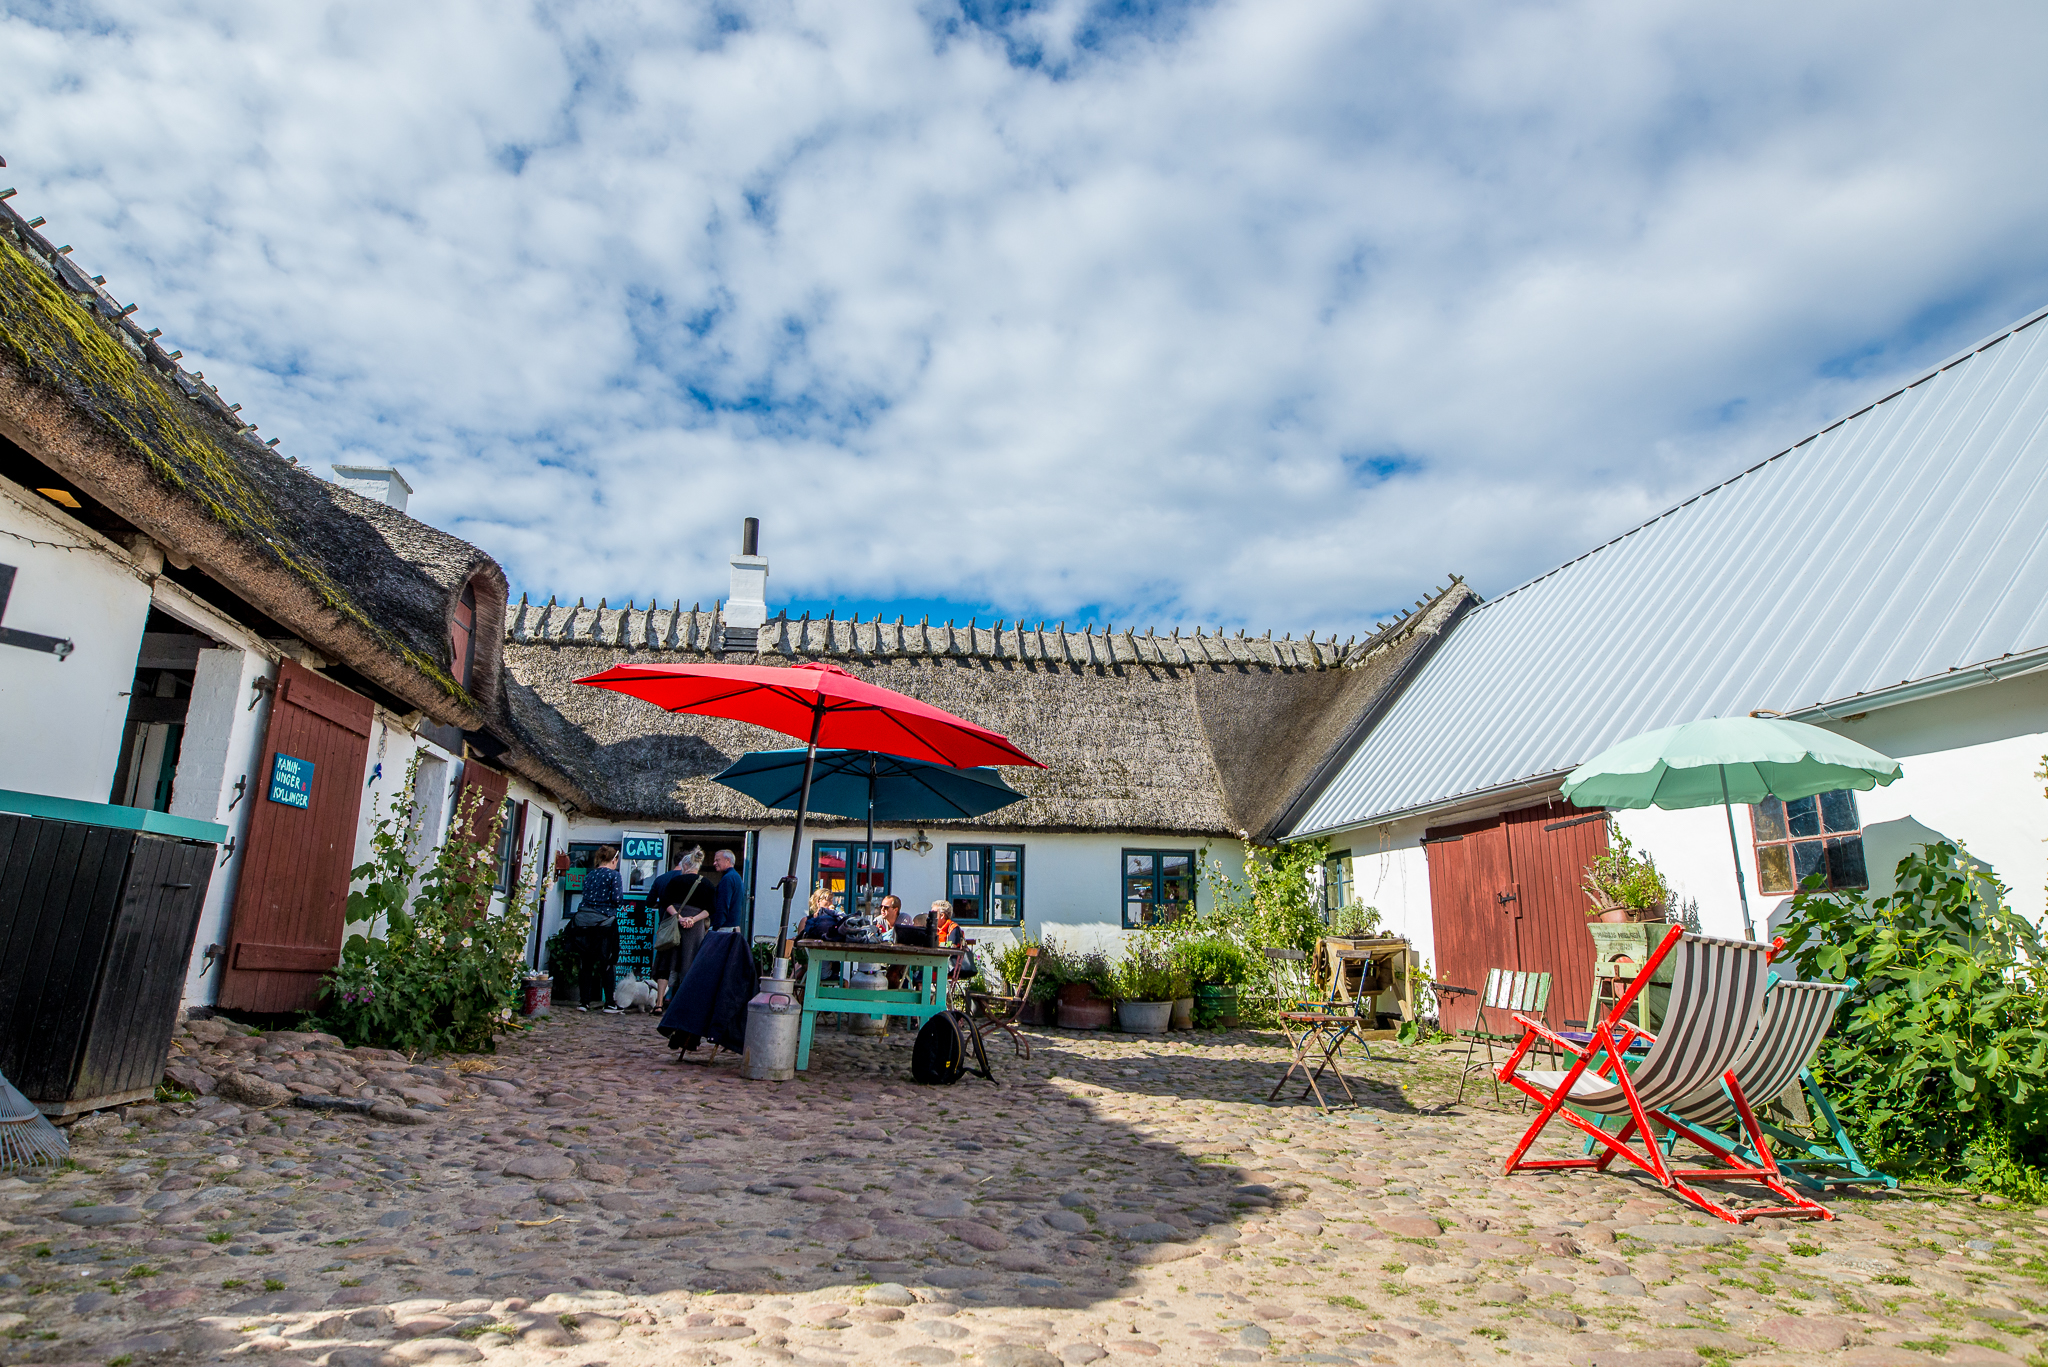 Tothavens besøgsgård og gårdmejeri